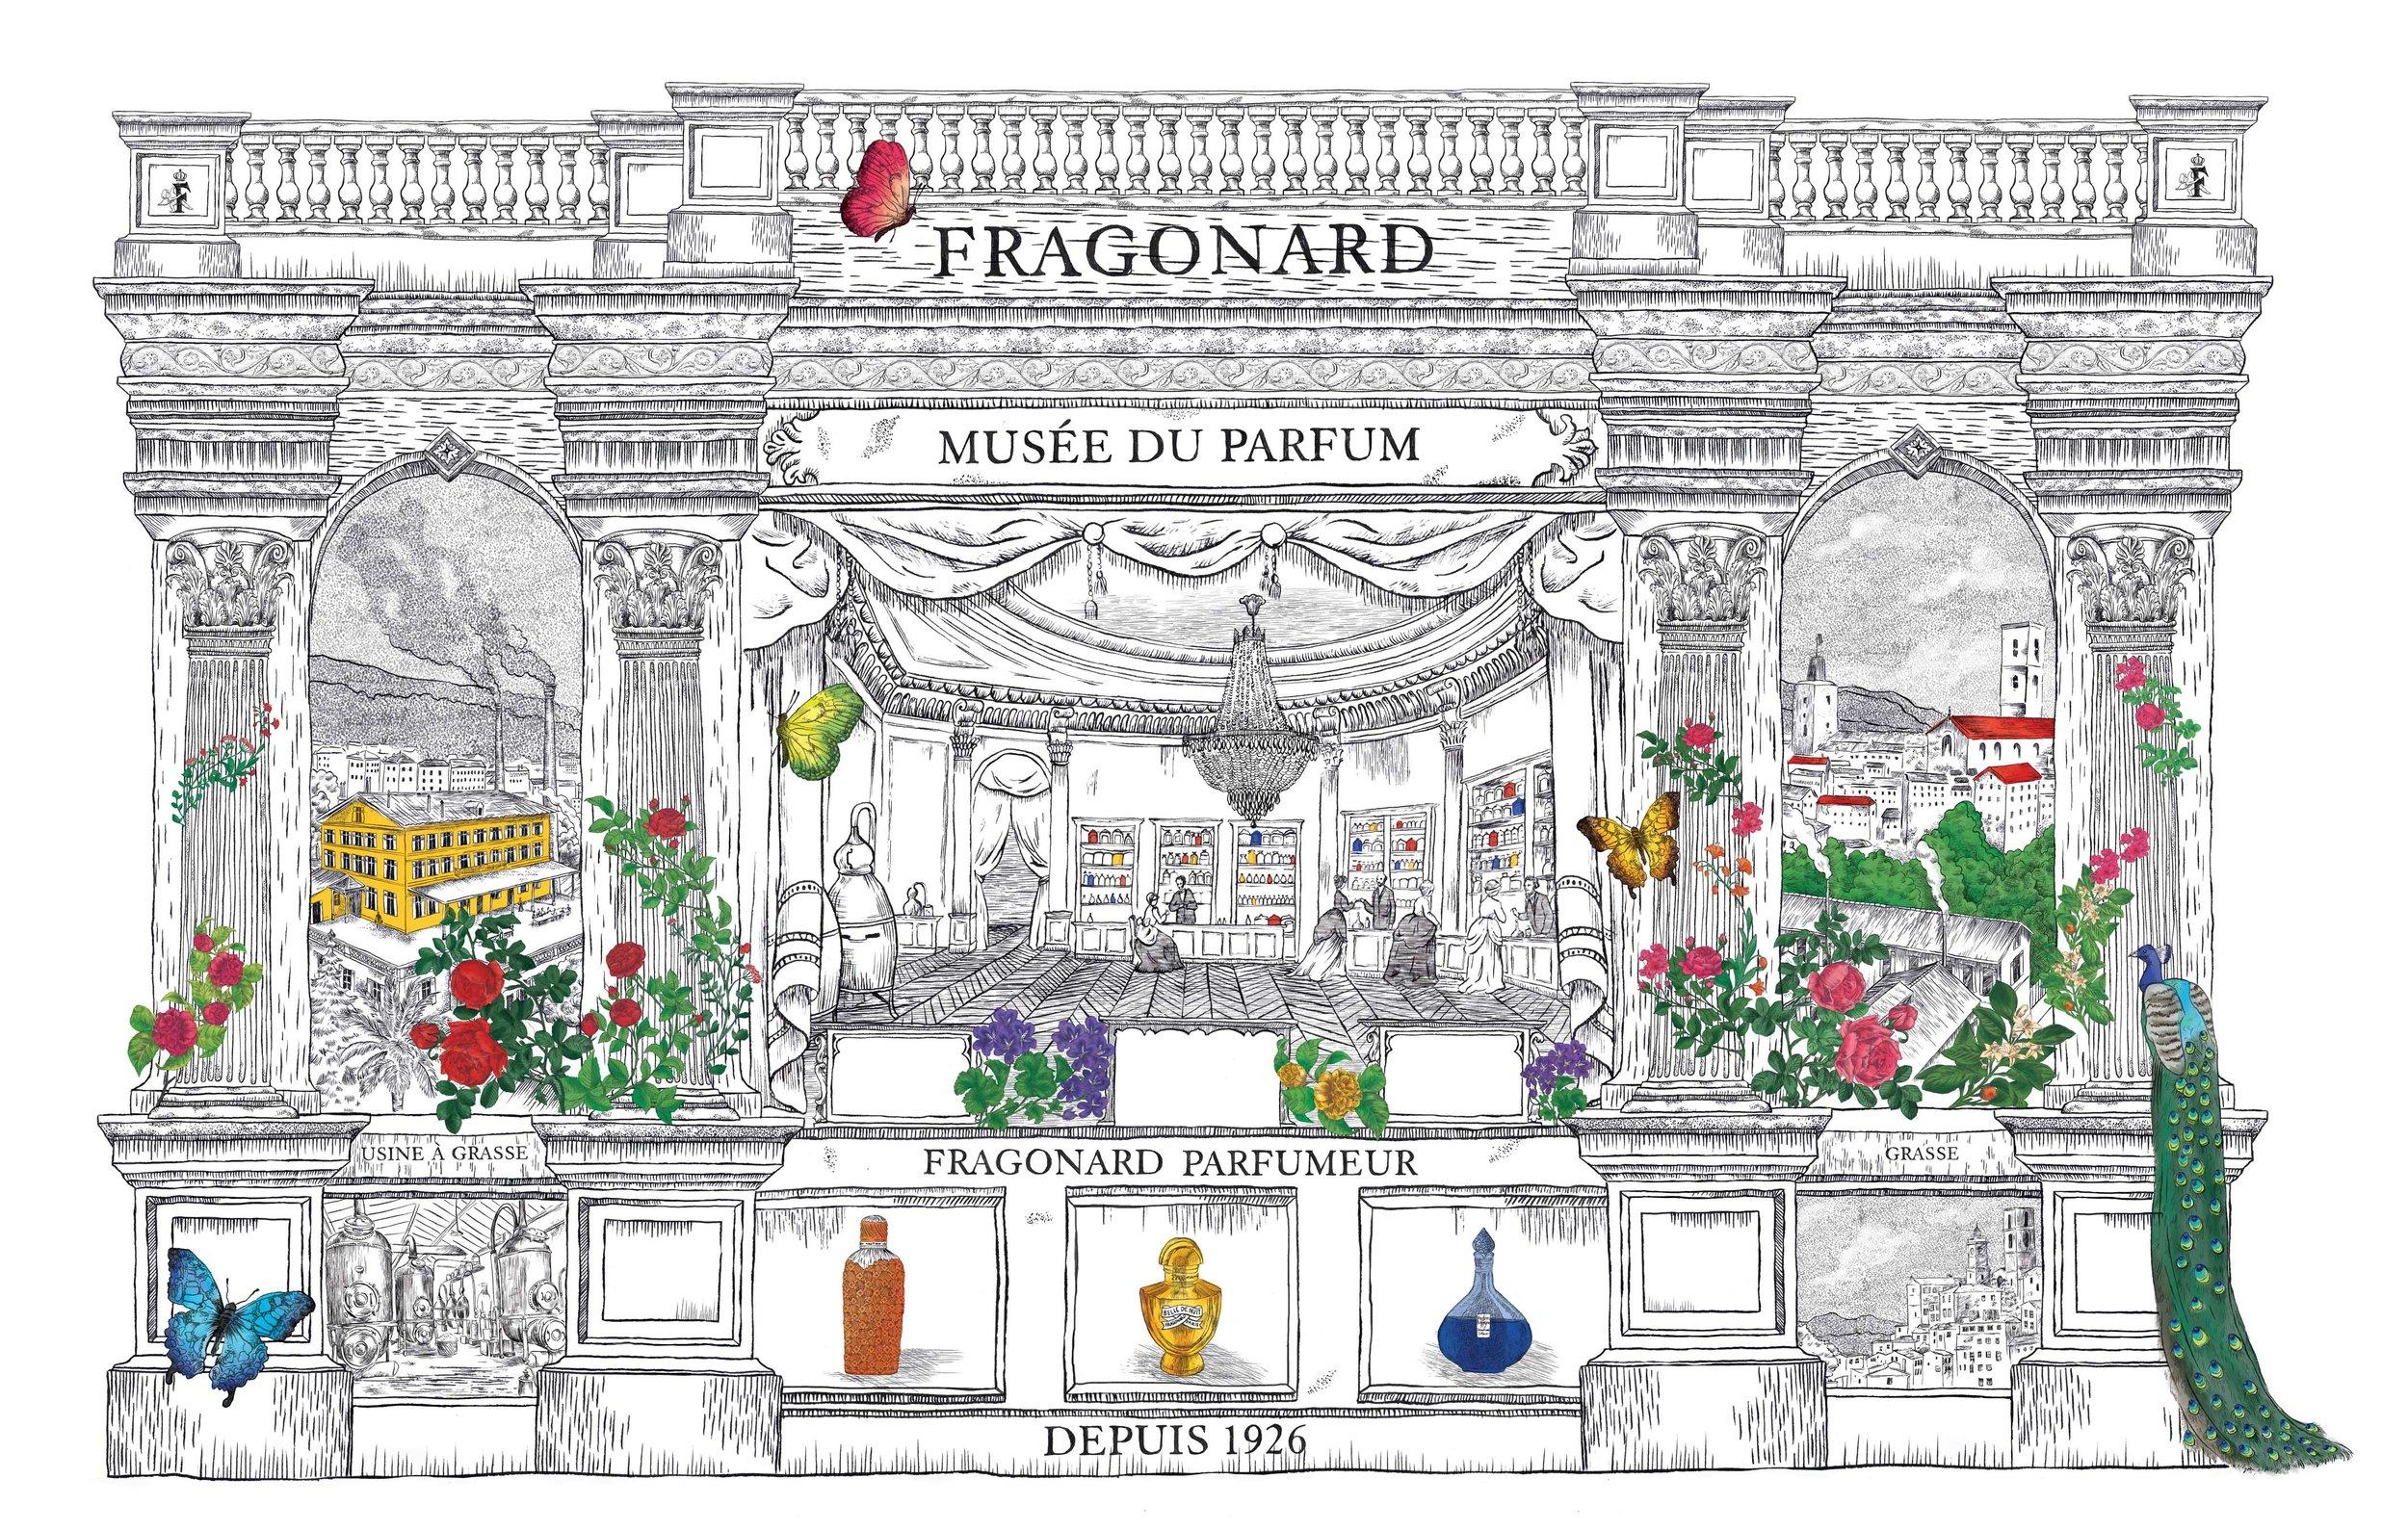 Marie-de-Beaucourt-x-Fragonard-Decor-Musee-du-Parfum-Final2018-web.jpg